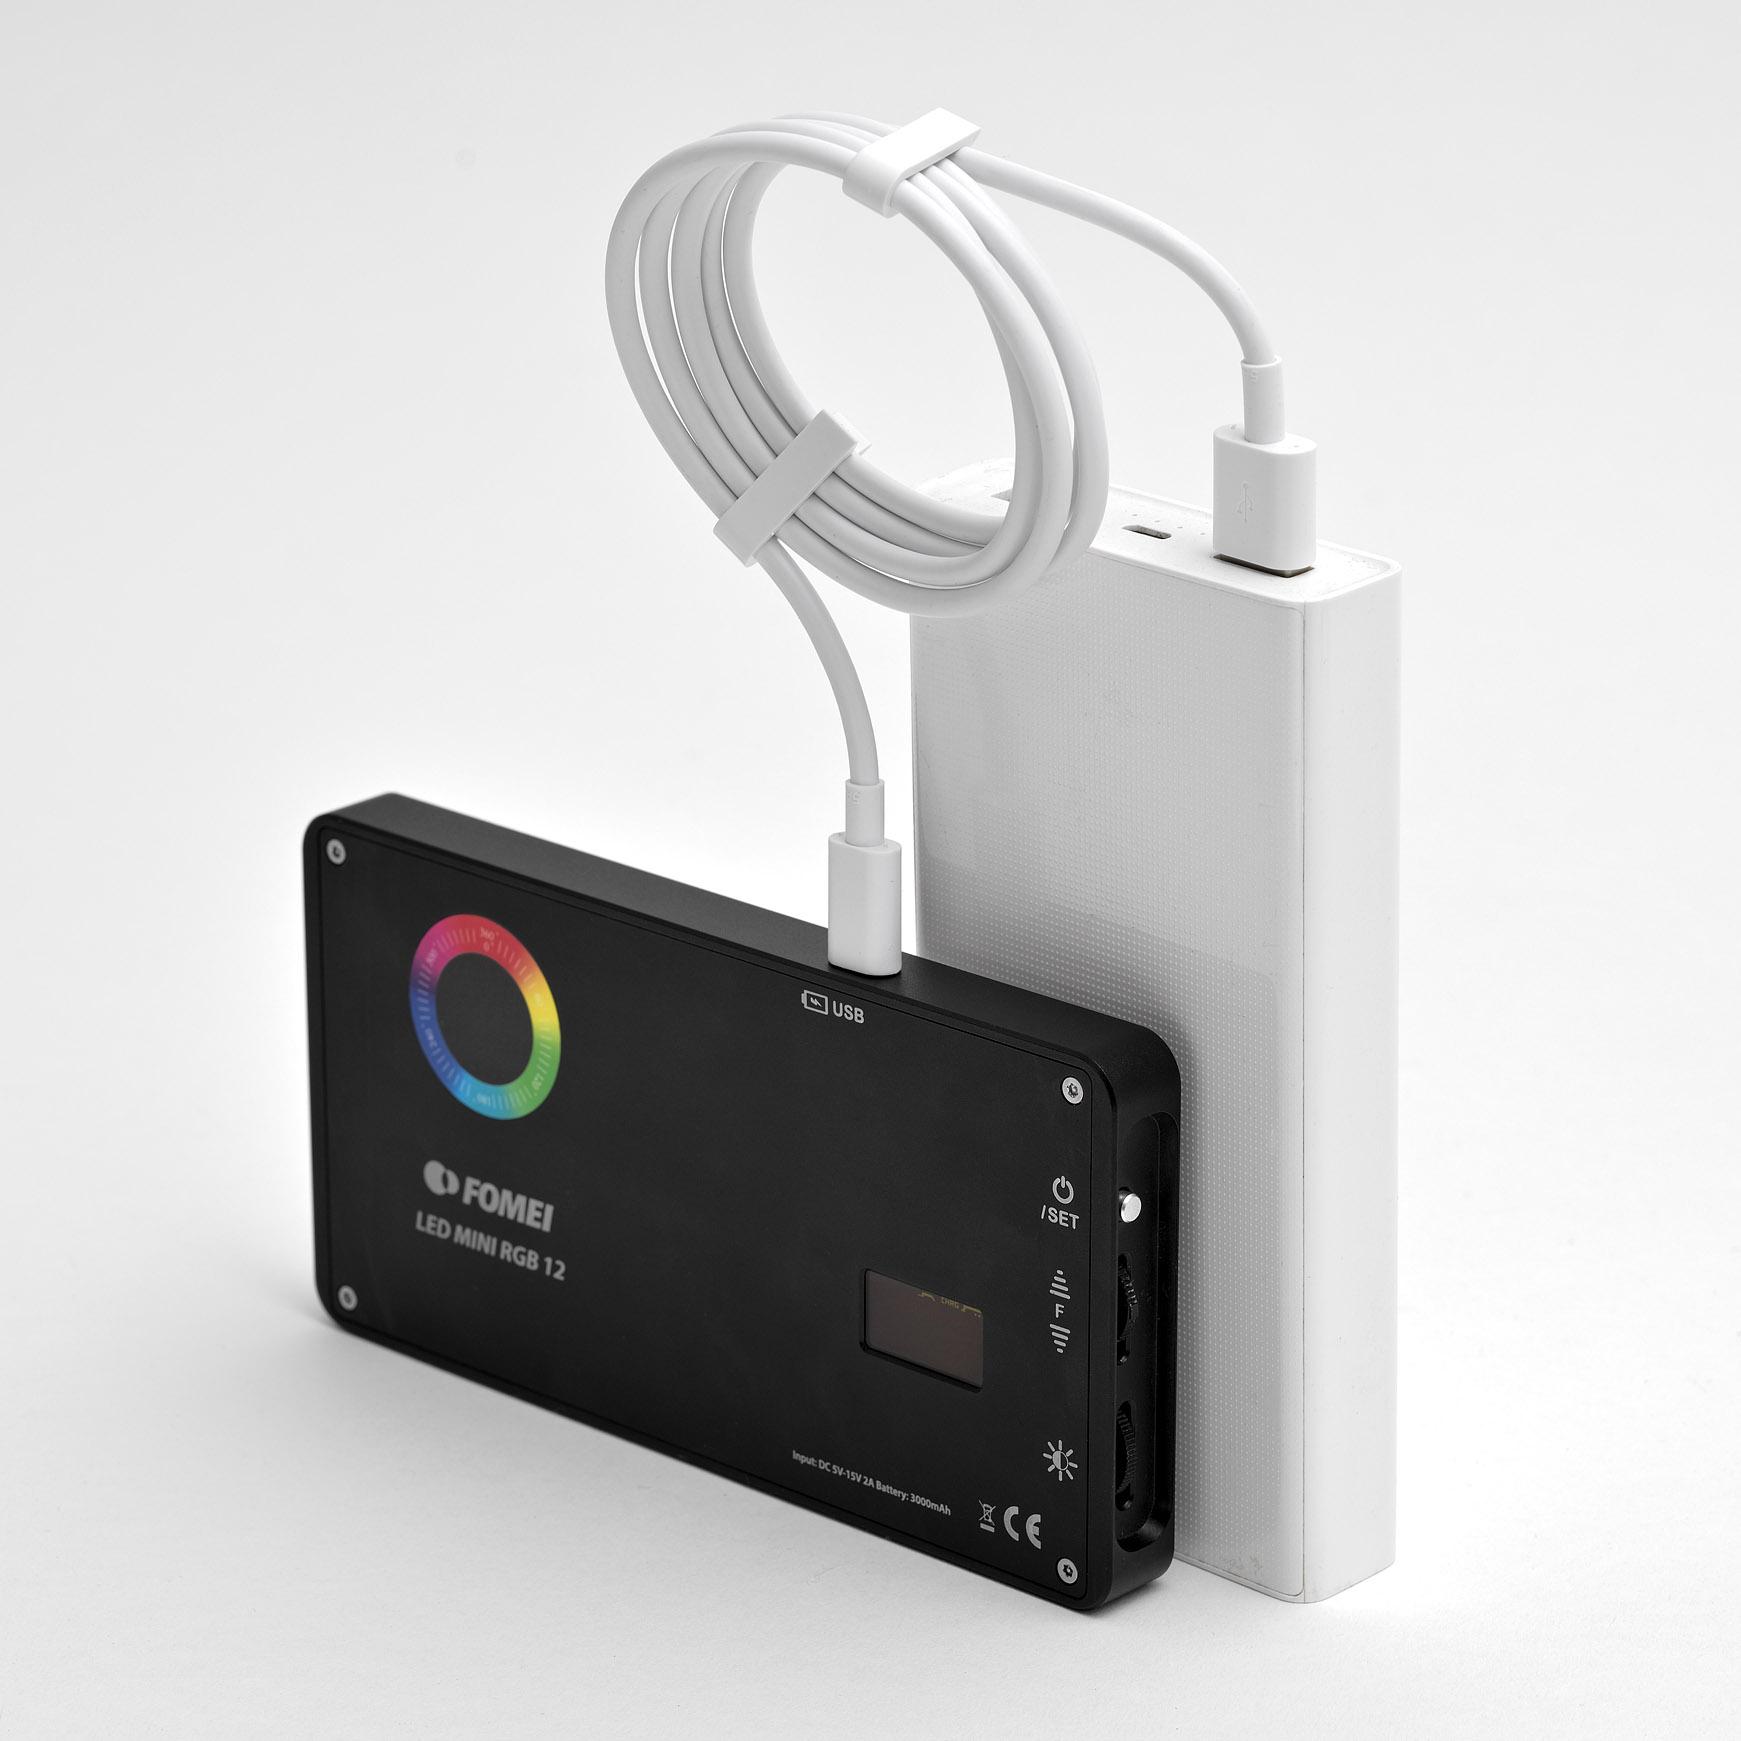 Světlo Fomei LED Mini RGB 12 lze používat i při napájení například z powerbanky